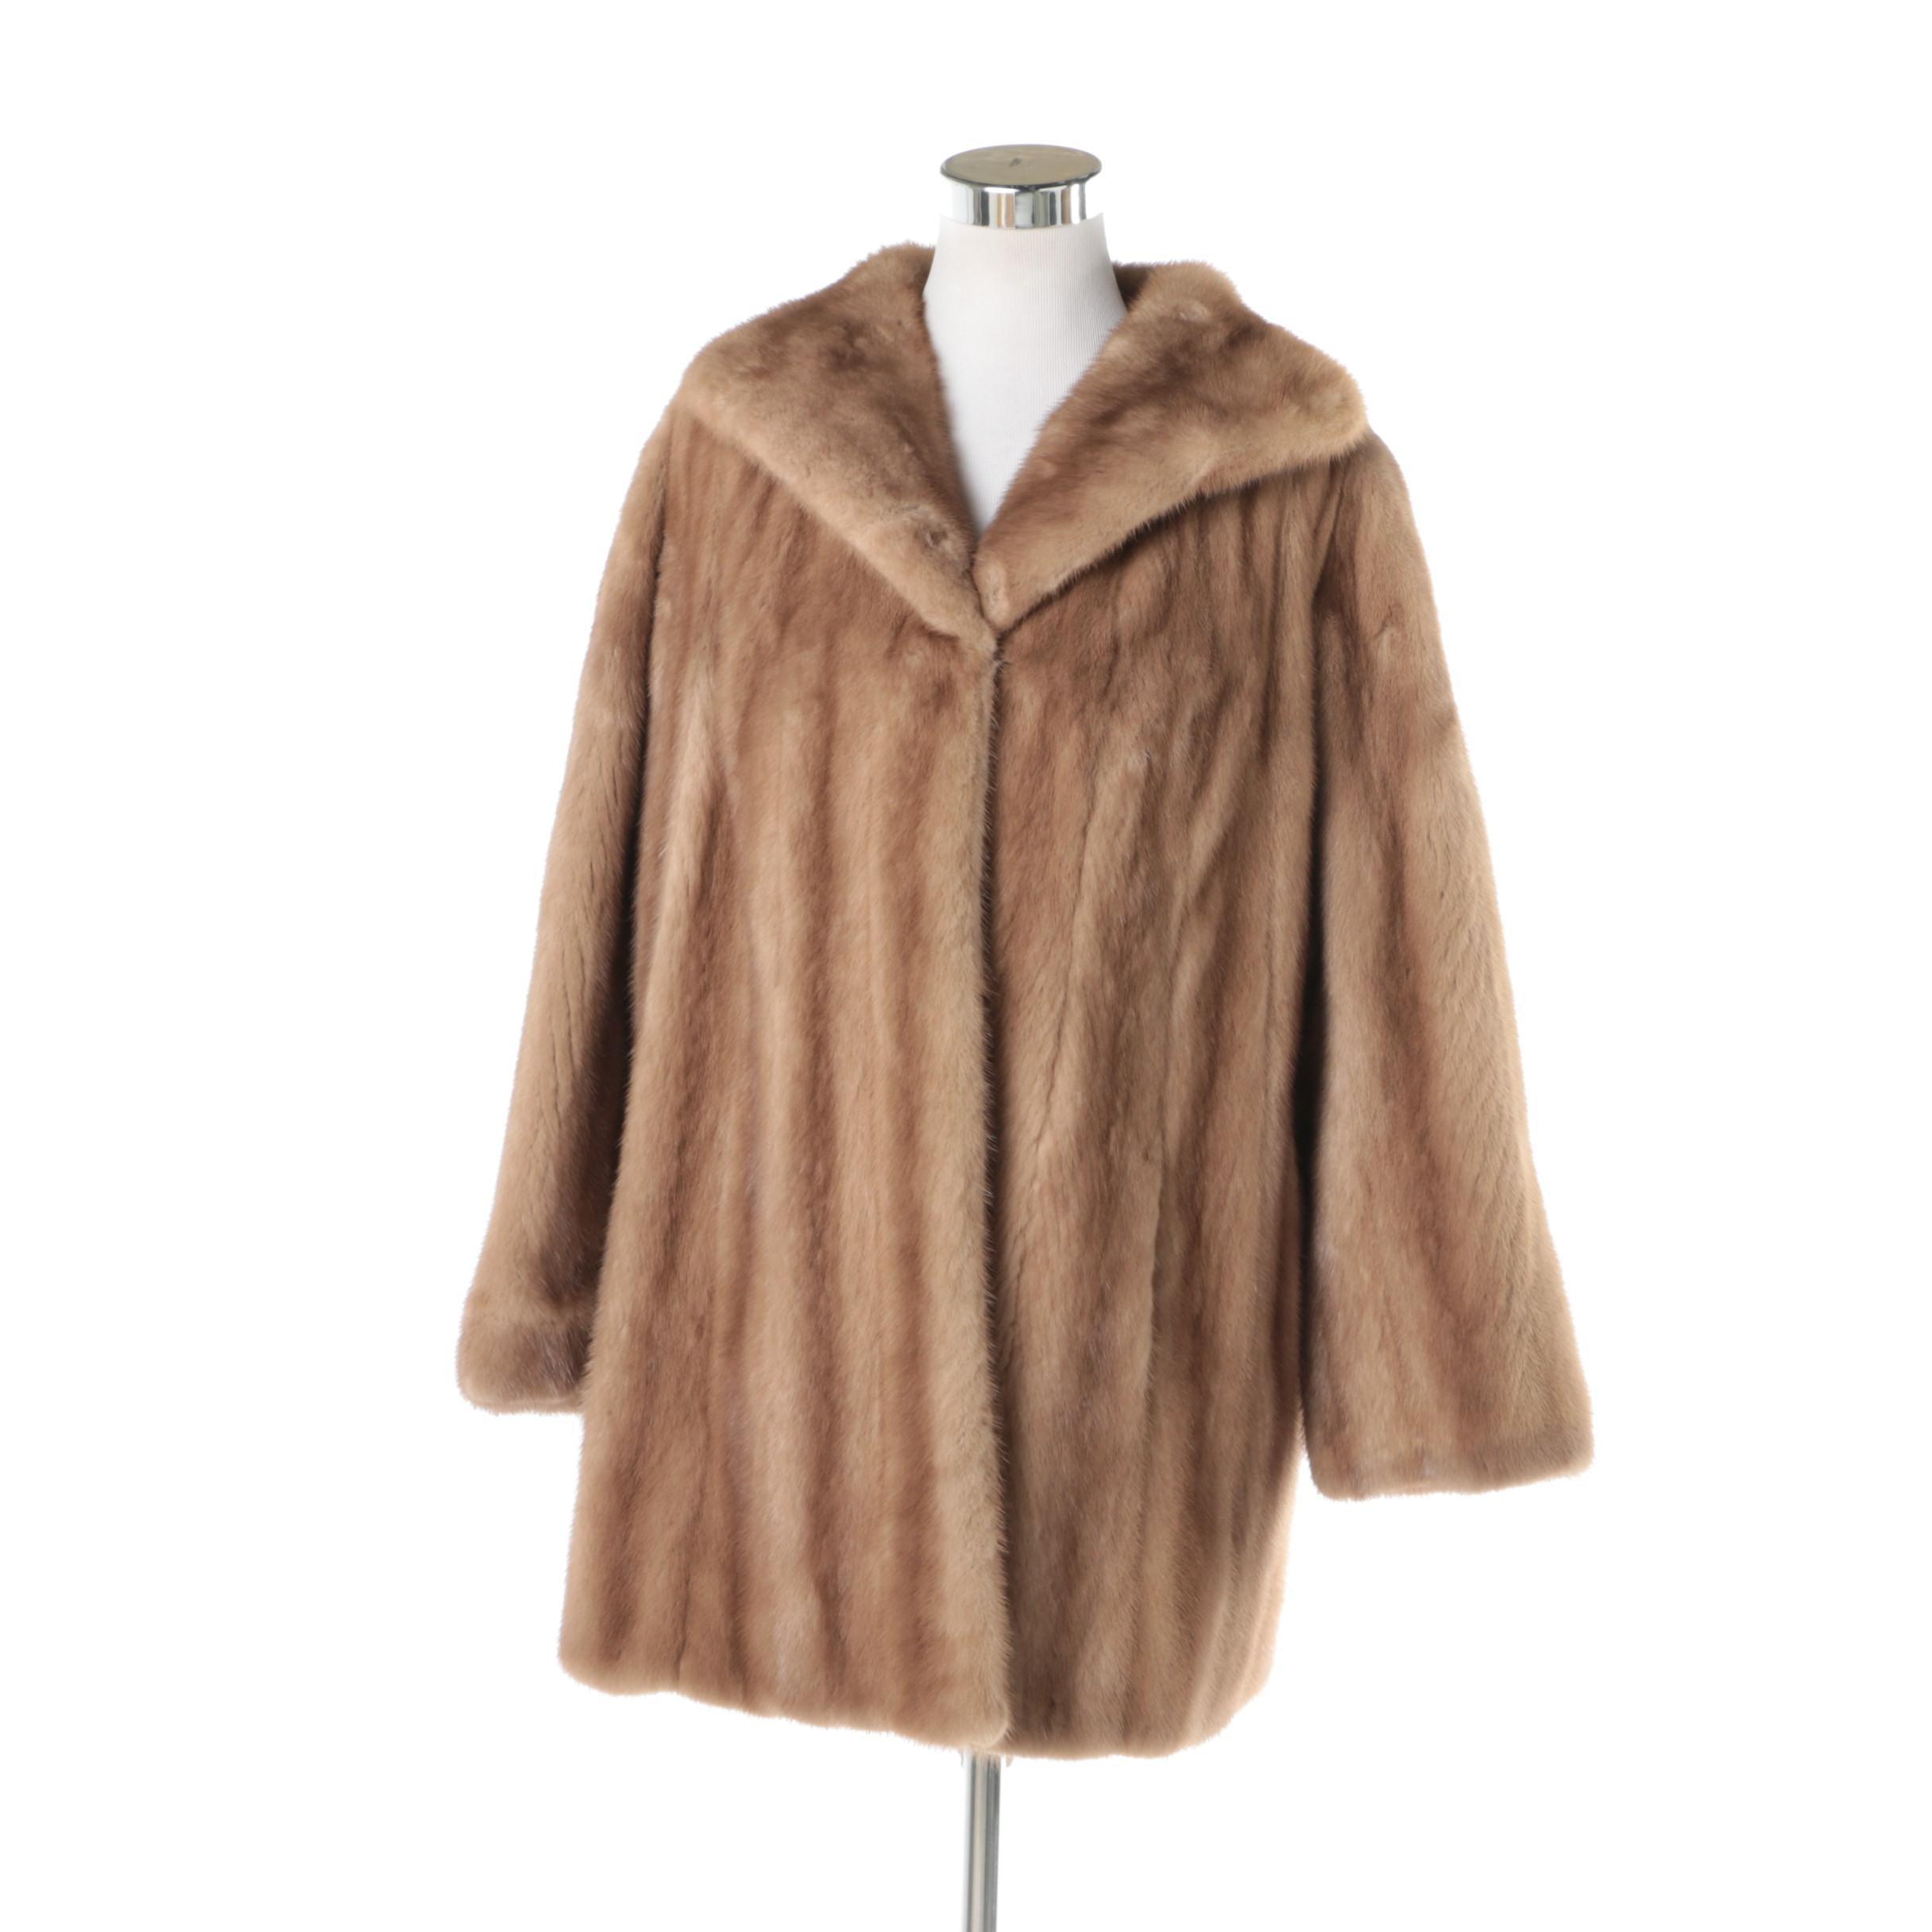 Women's Vintage Mink Fur Coat : EBTH